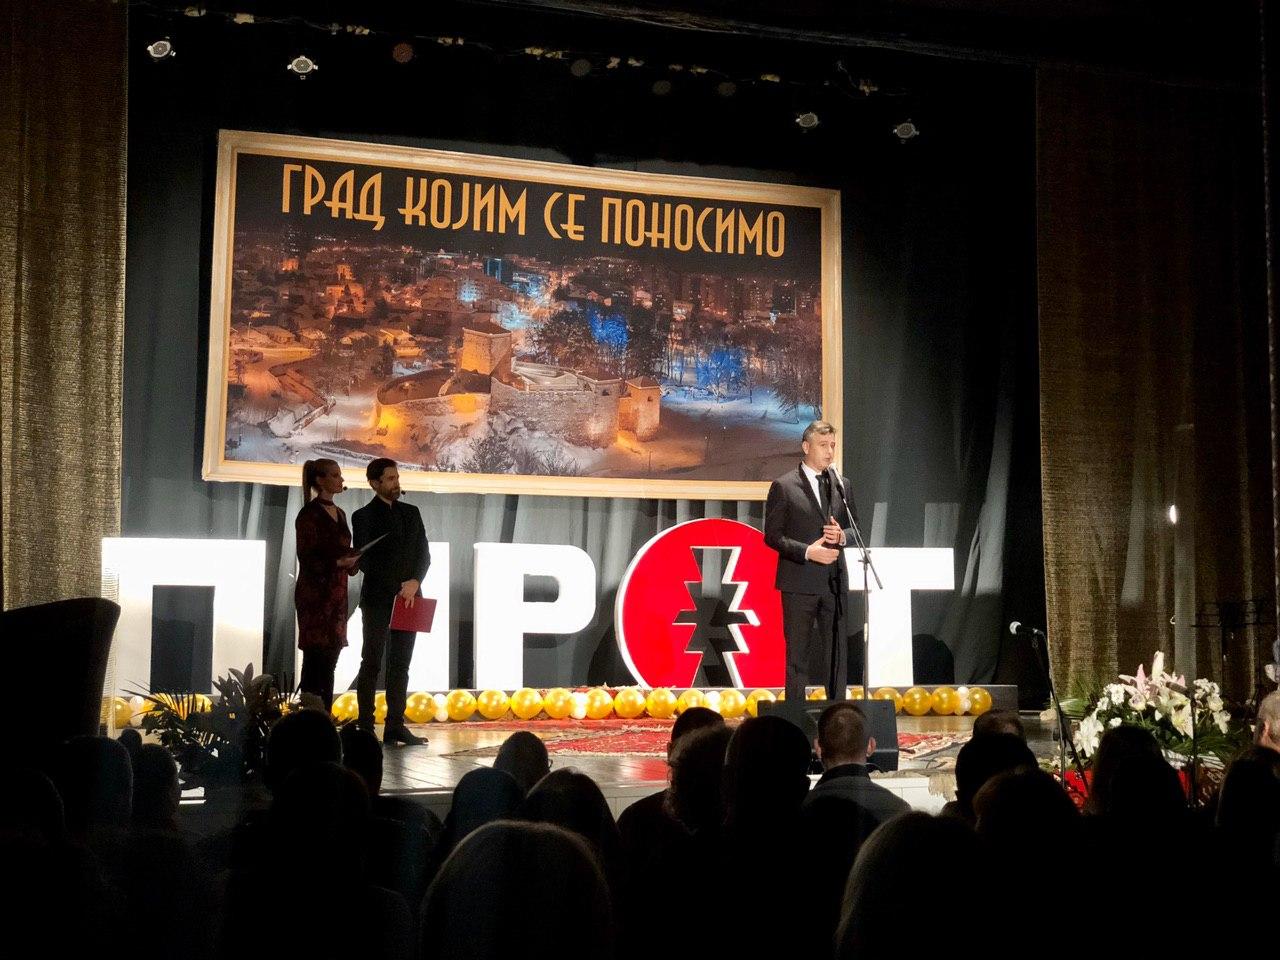 Photo of Pirot – grad kojim se ponosimo. Održana svečana akademija povodom Dana Grada